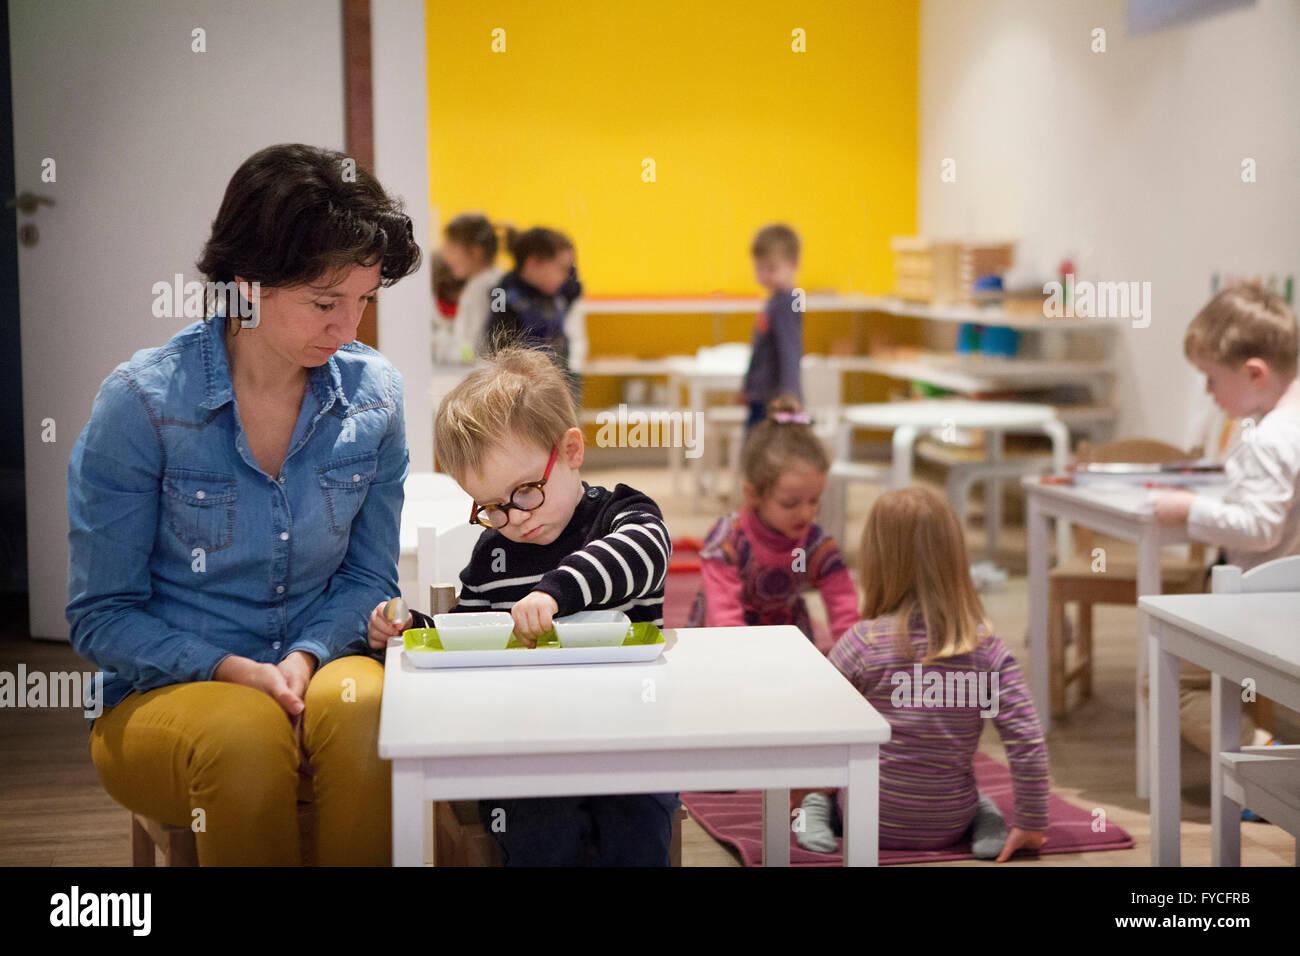 JARDÍN DE INFANTES Imagen De Stock